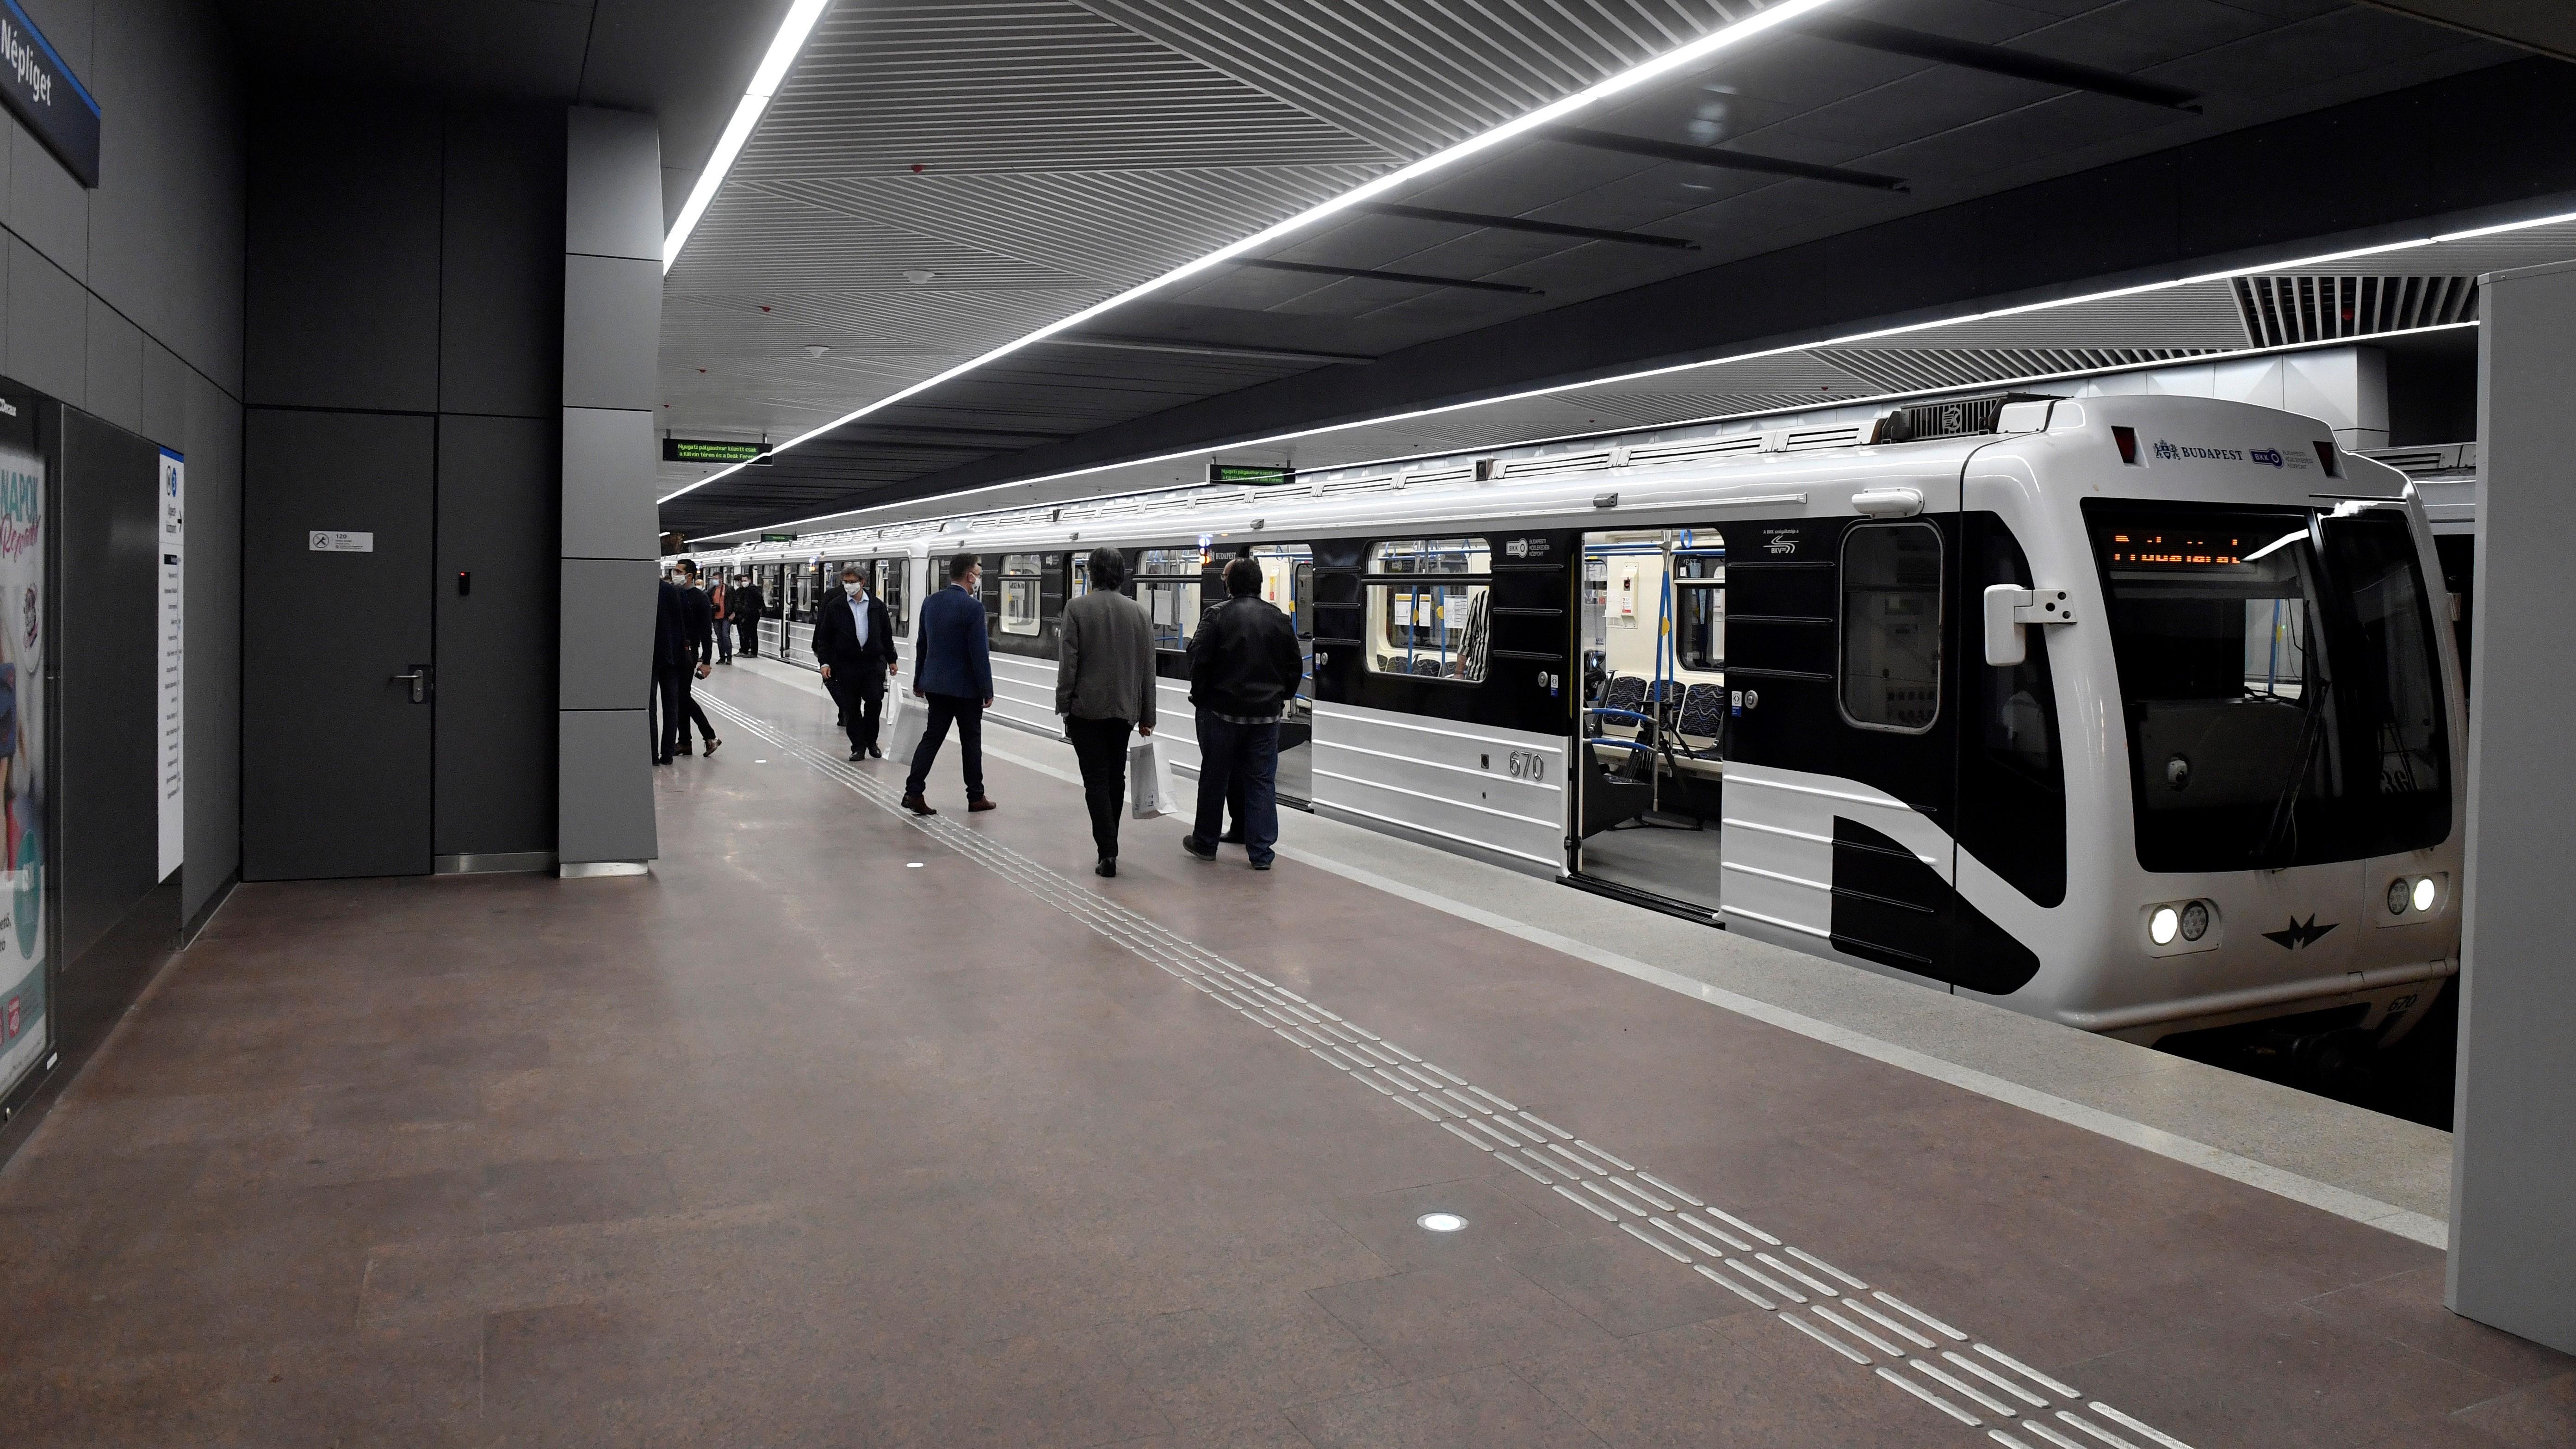 A megújult Népliget állomás a 3-as metróvonal felújított déli, a Nagyvárad tér és Kőbánya-Kispest közötti szakaszának átadásán 2020. október 22-én.